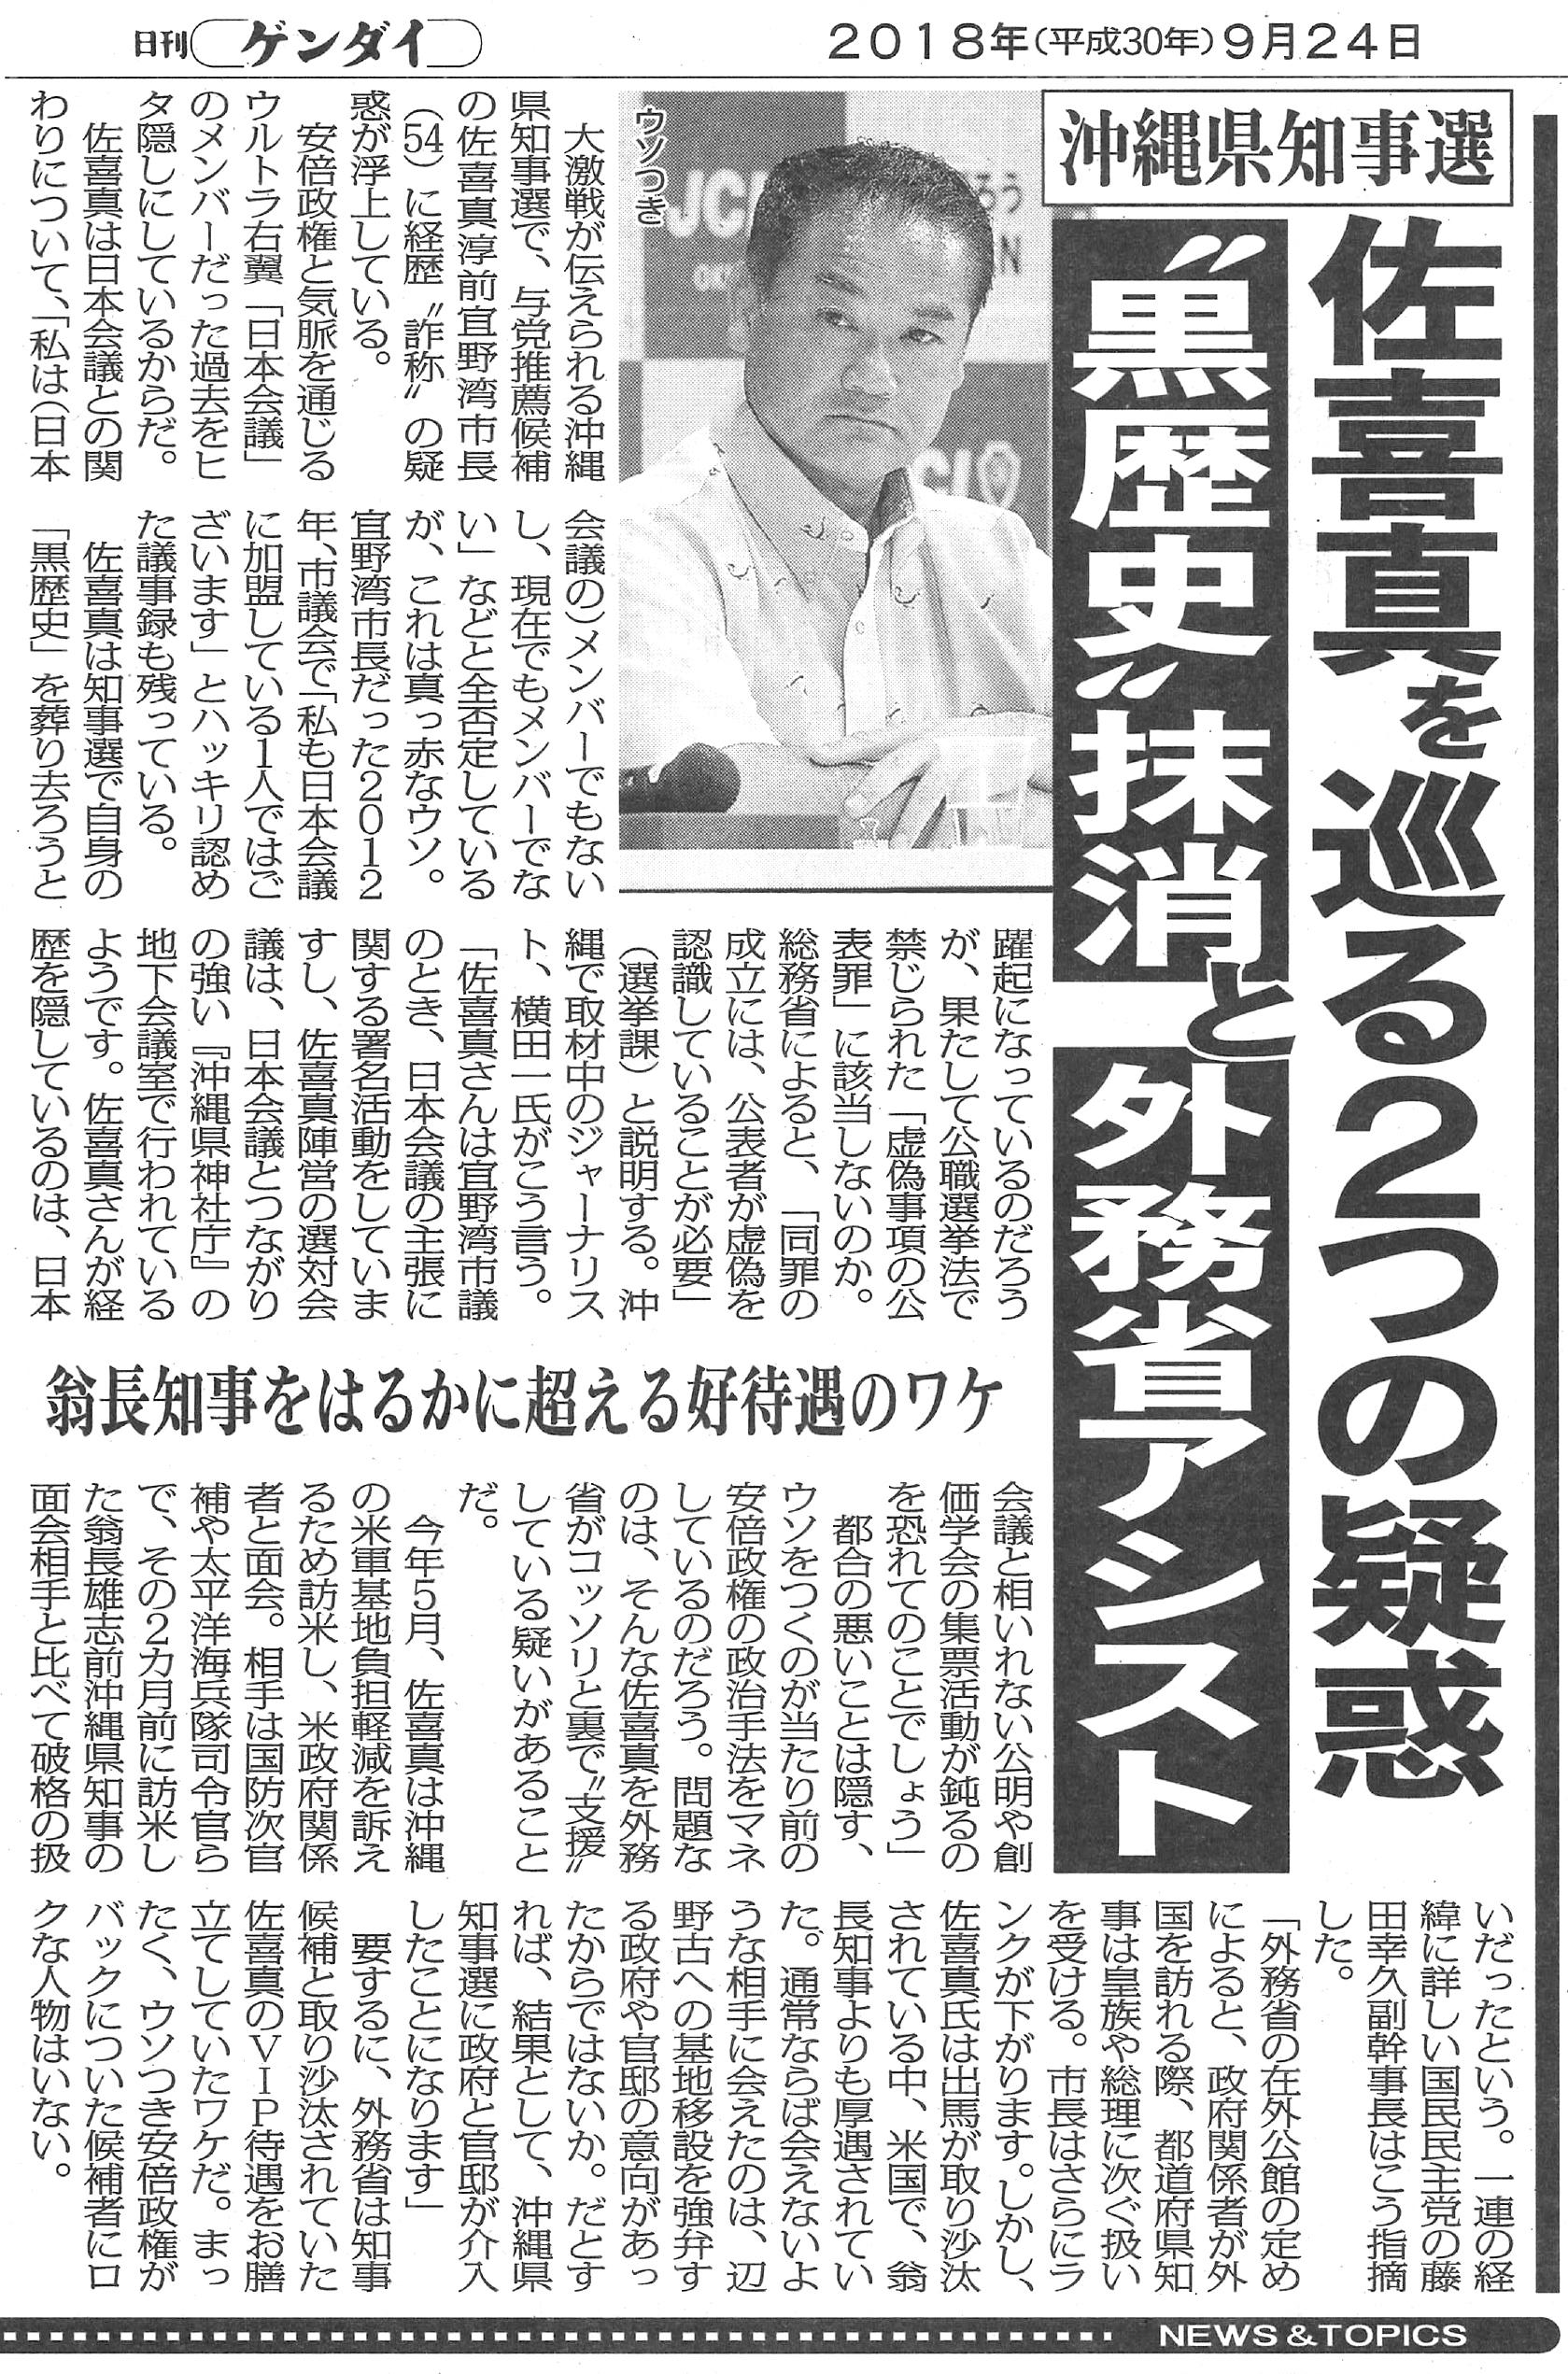 【日刊ゲンダイ】沖縄県知事選 佐喜真を巡る2つの疑惑